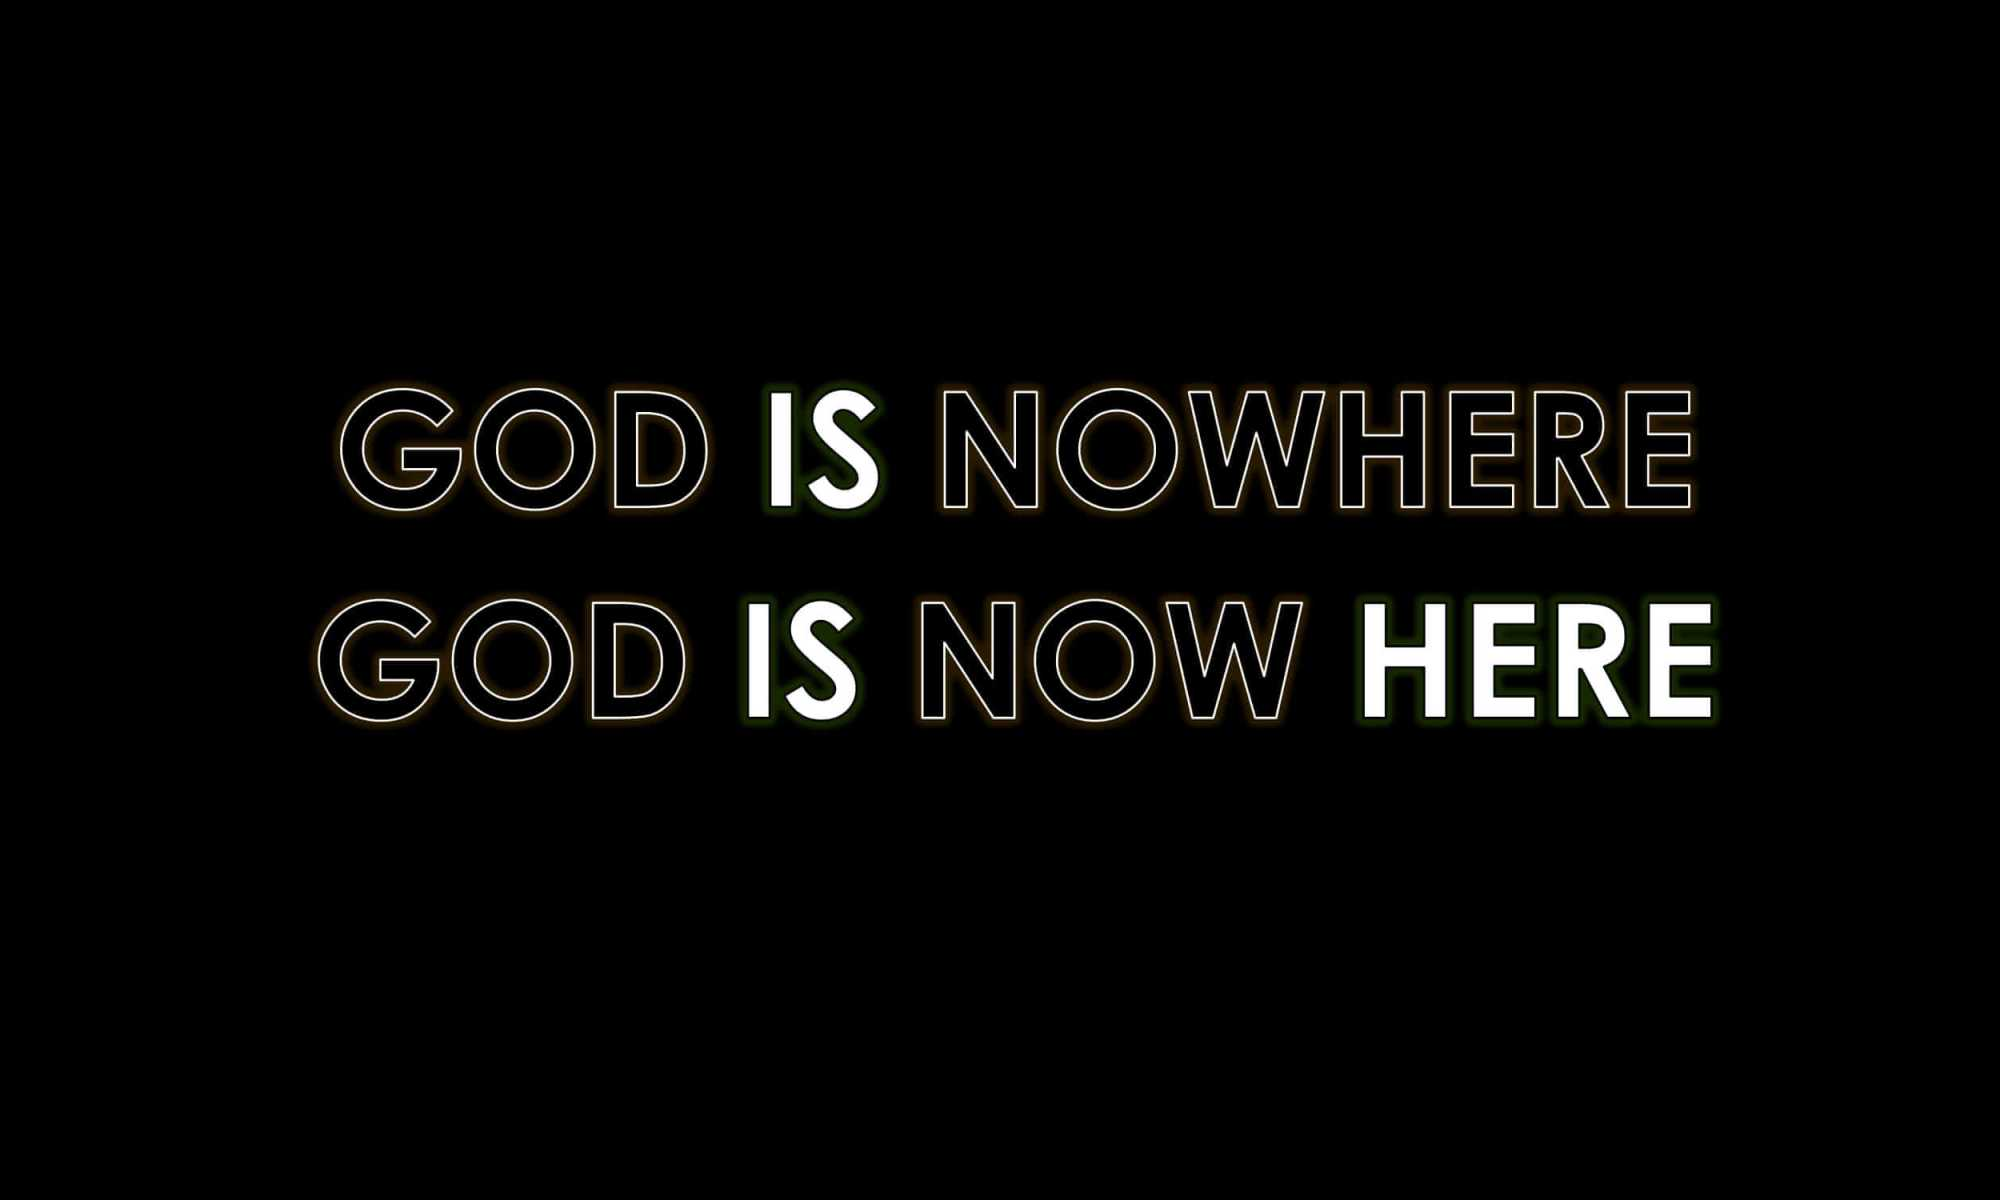 Gott ist hier